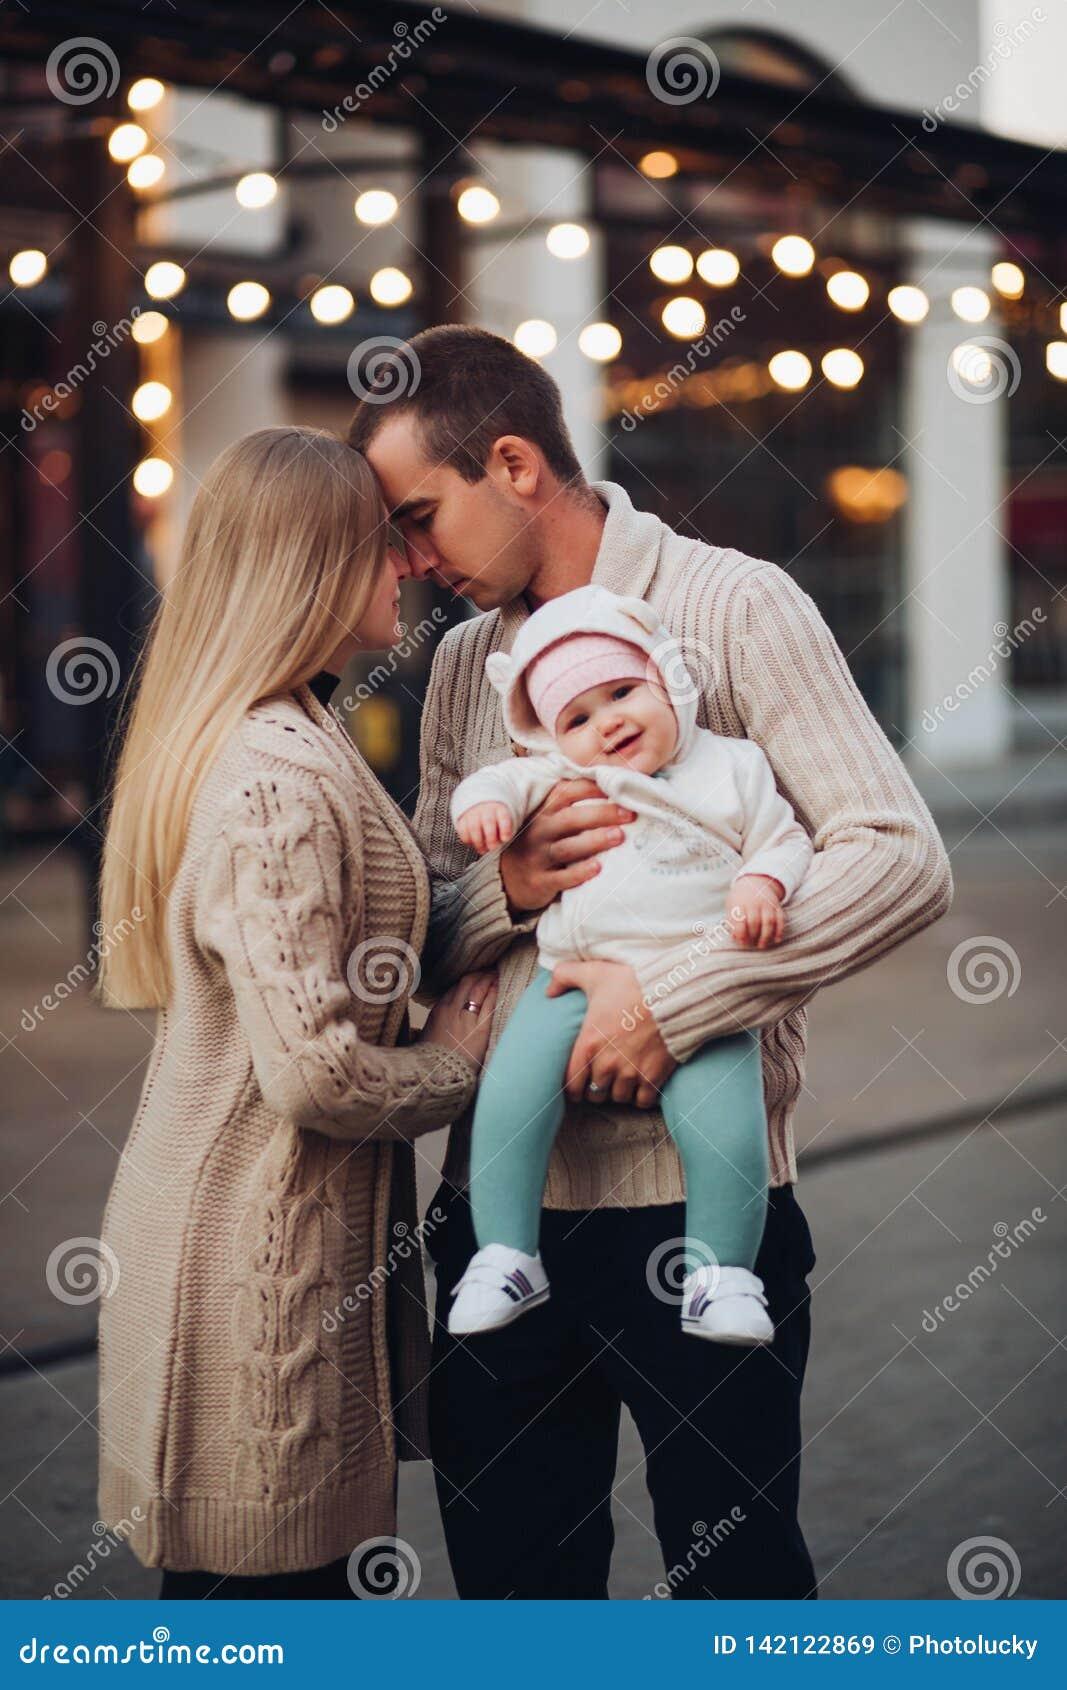 Porträt der Familie zusammen stehend in der Cosinessatmosphäre